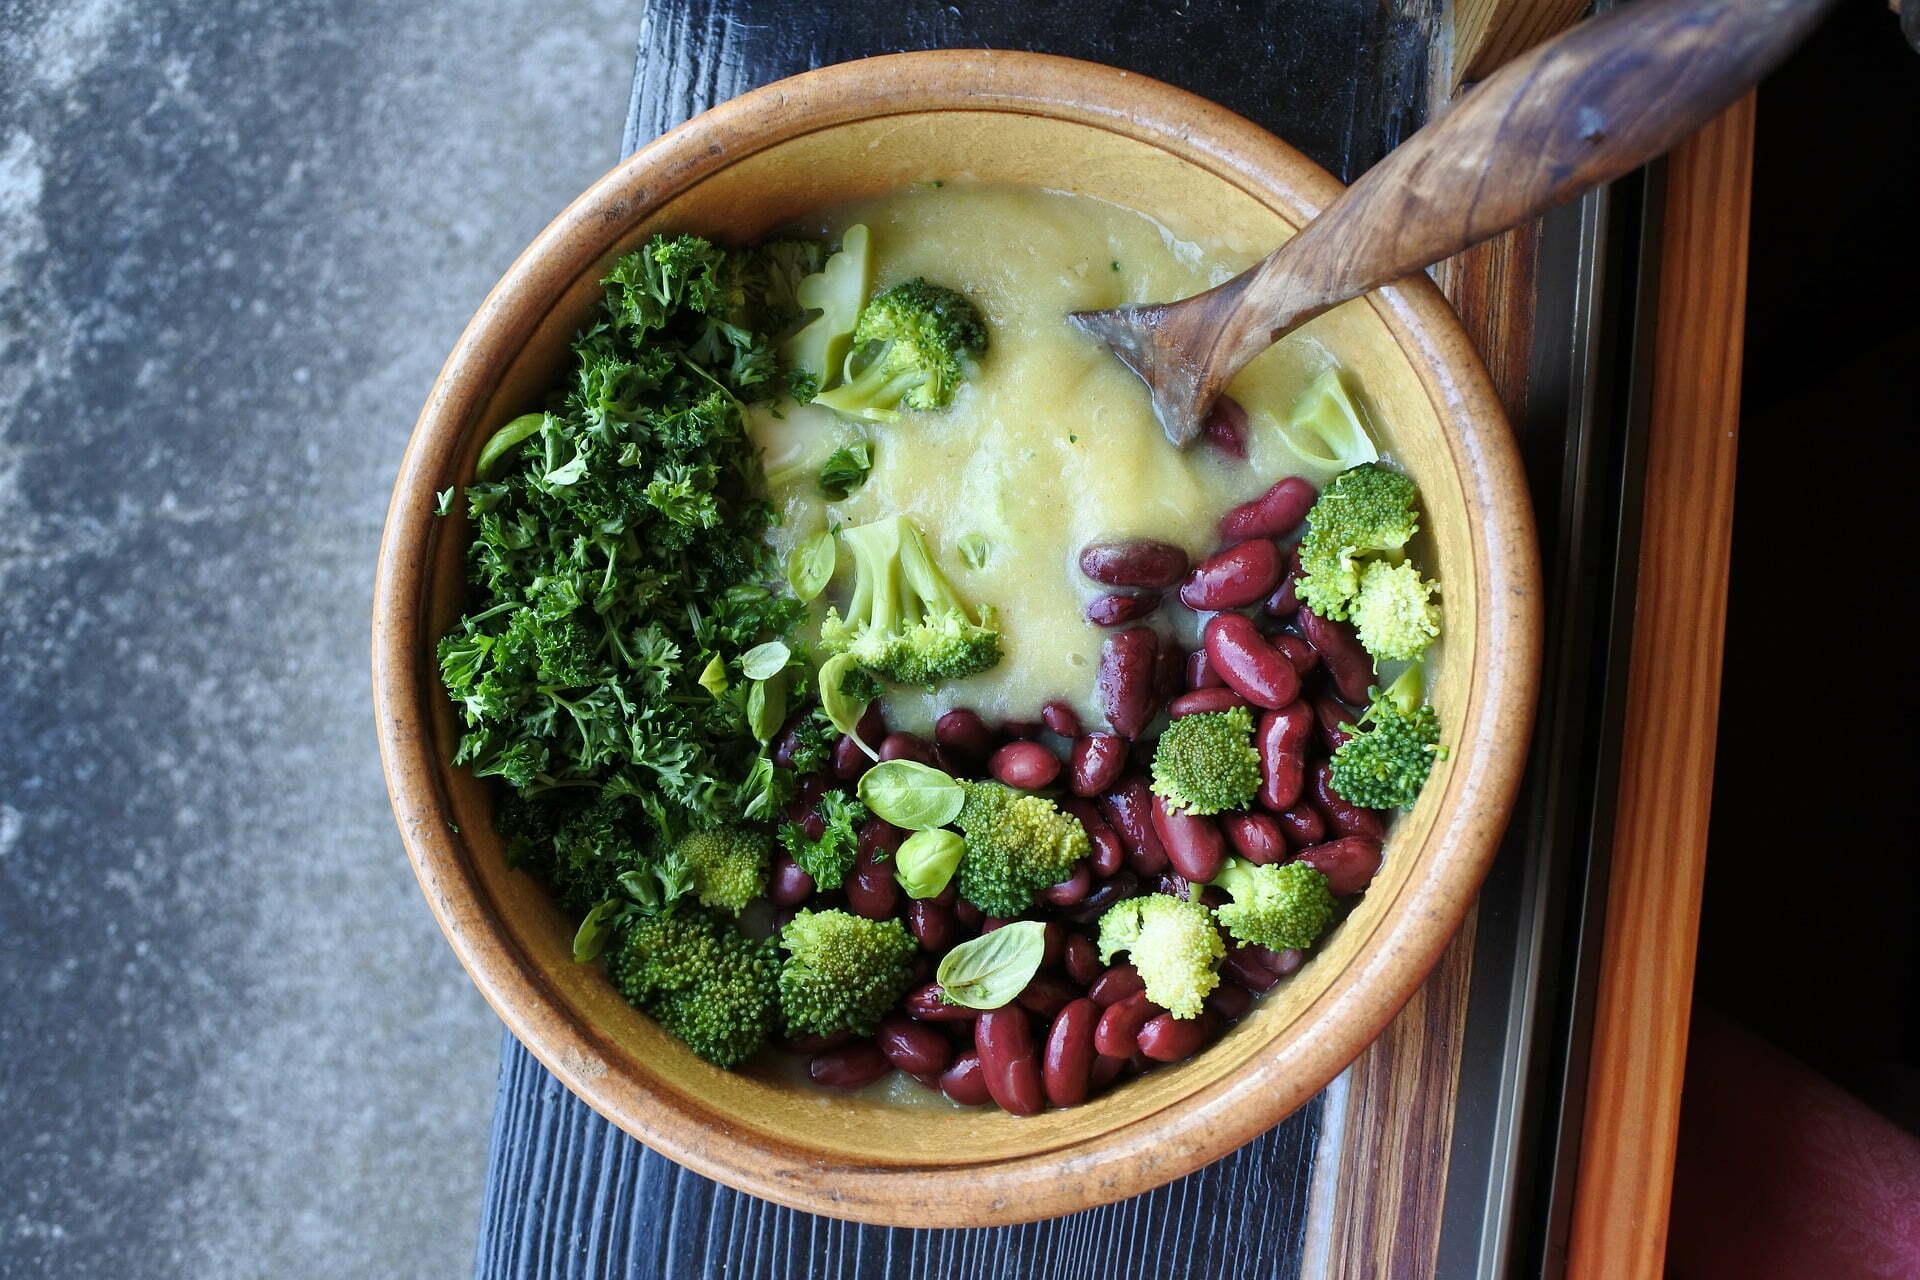 Broccoli-Blumenkohl Suppen-Bowl mit Kidneybohnen